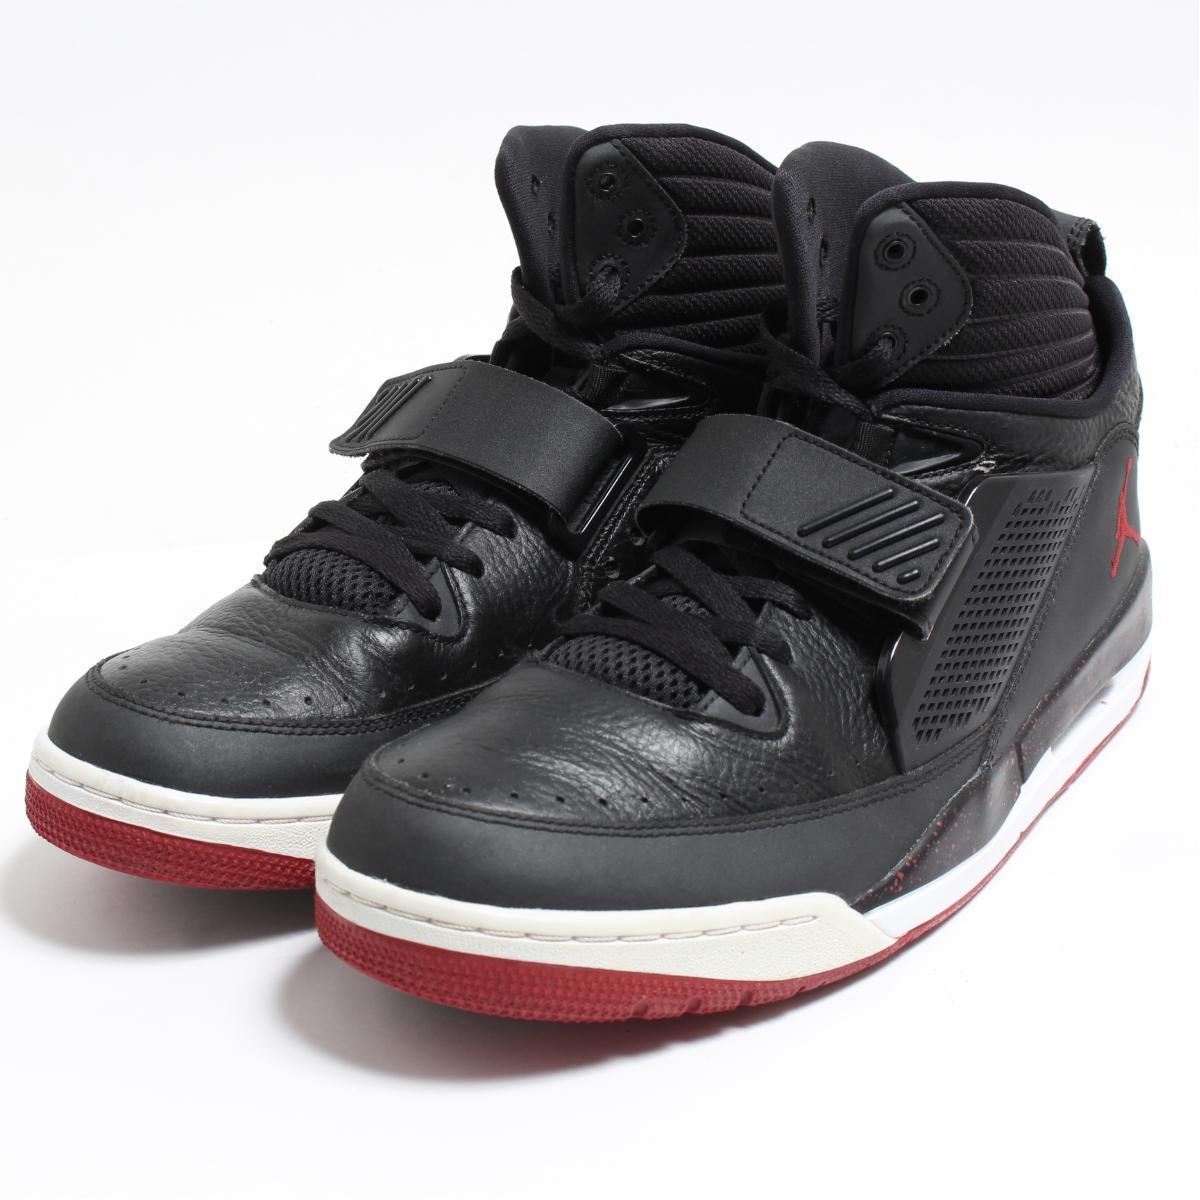 83e05d8c74e VINTAGE CLOTHING JAM  Nike NIKE AIR JORDAN FLIGHT 97 sneakers US11 ...